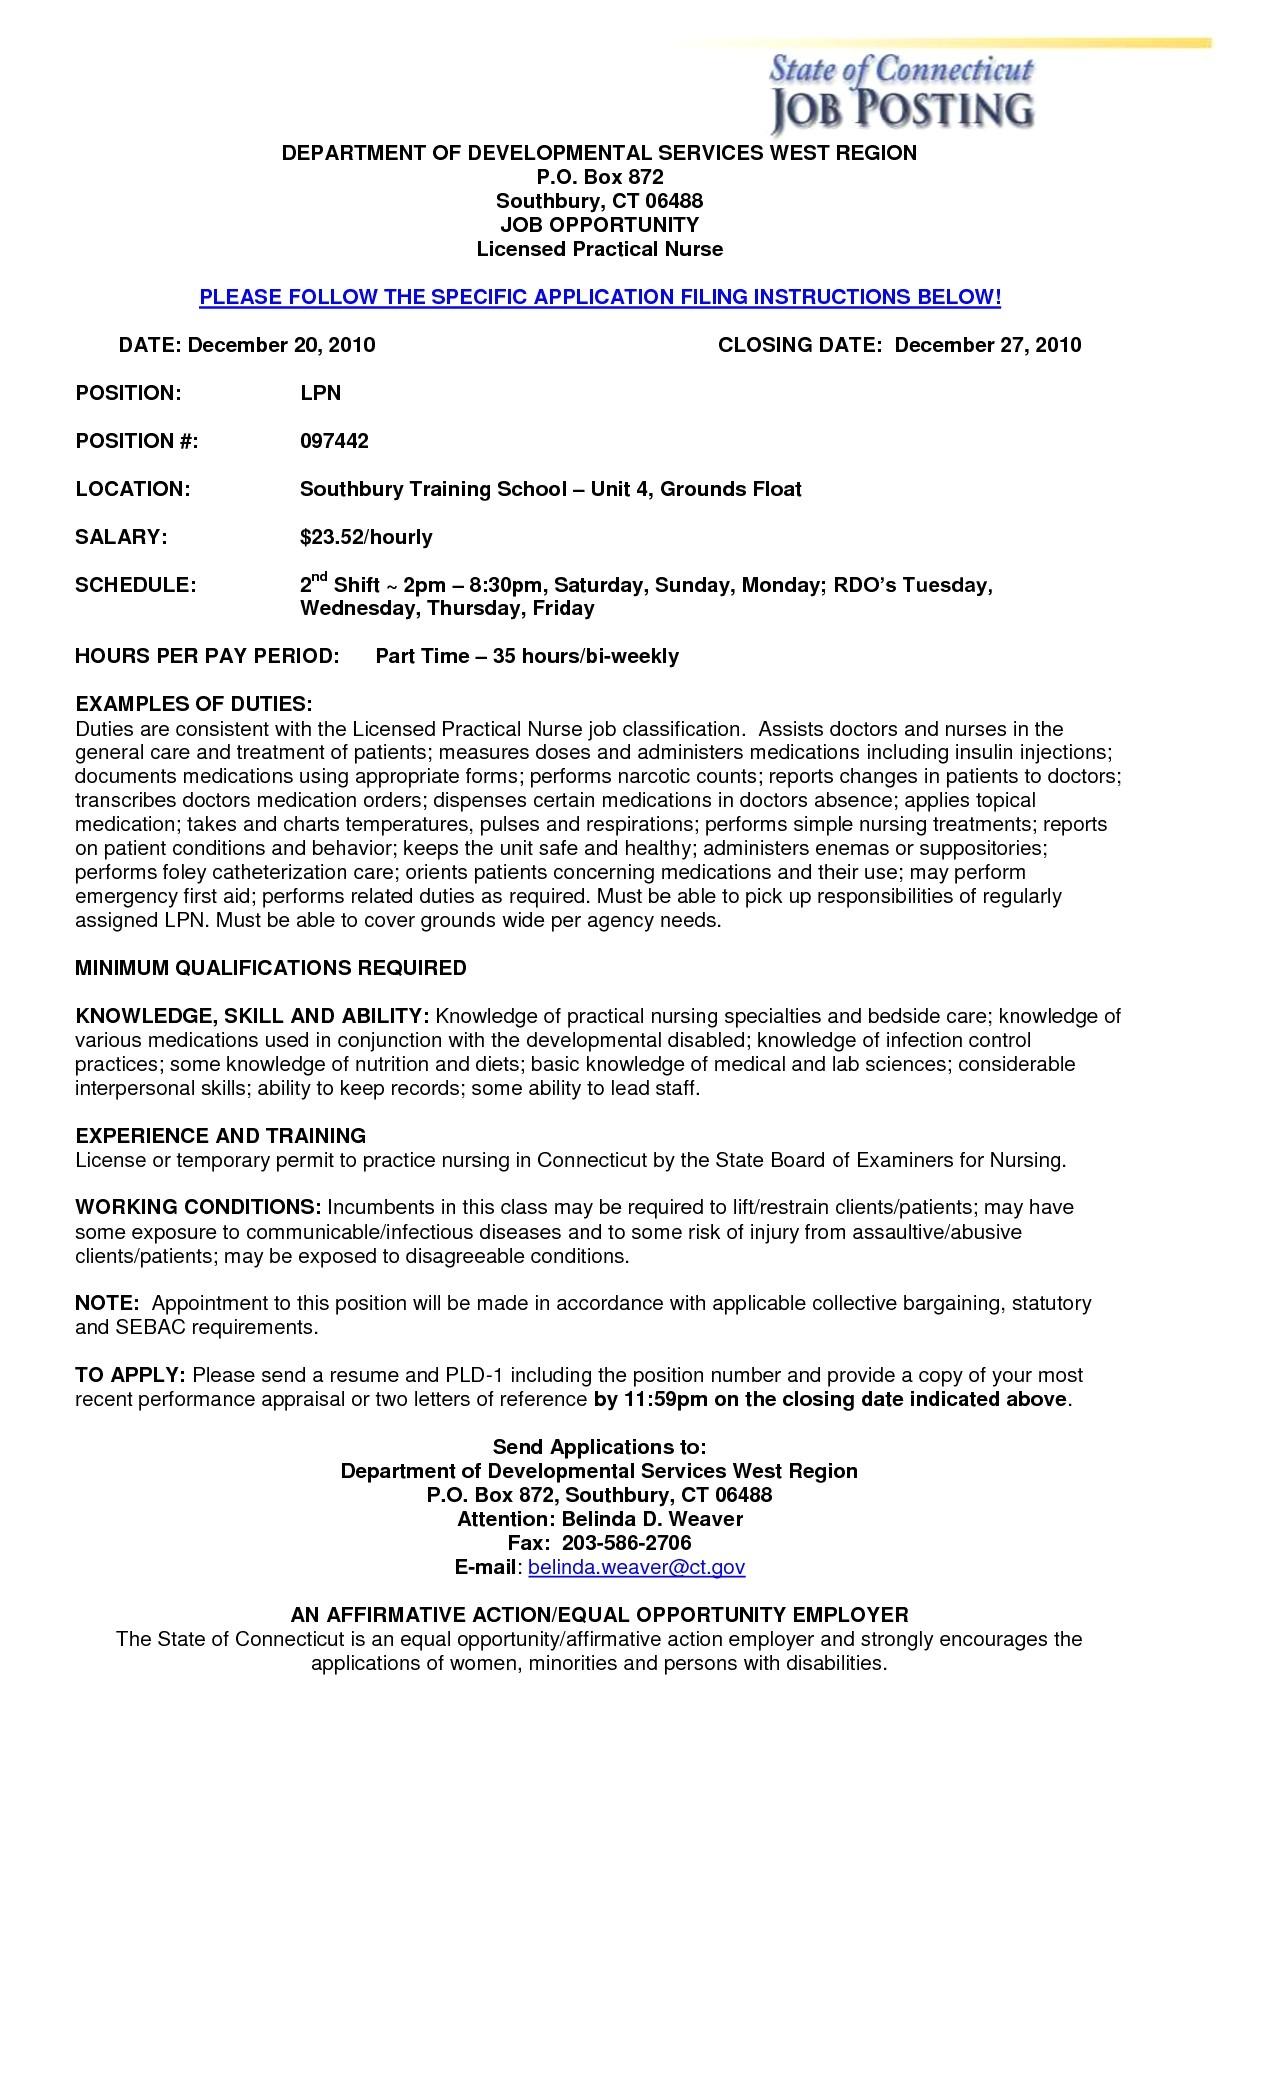 sample resume for lpn new grad